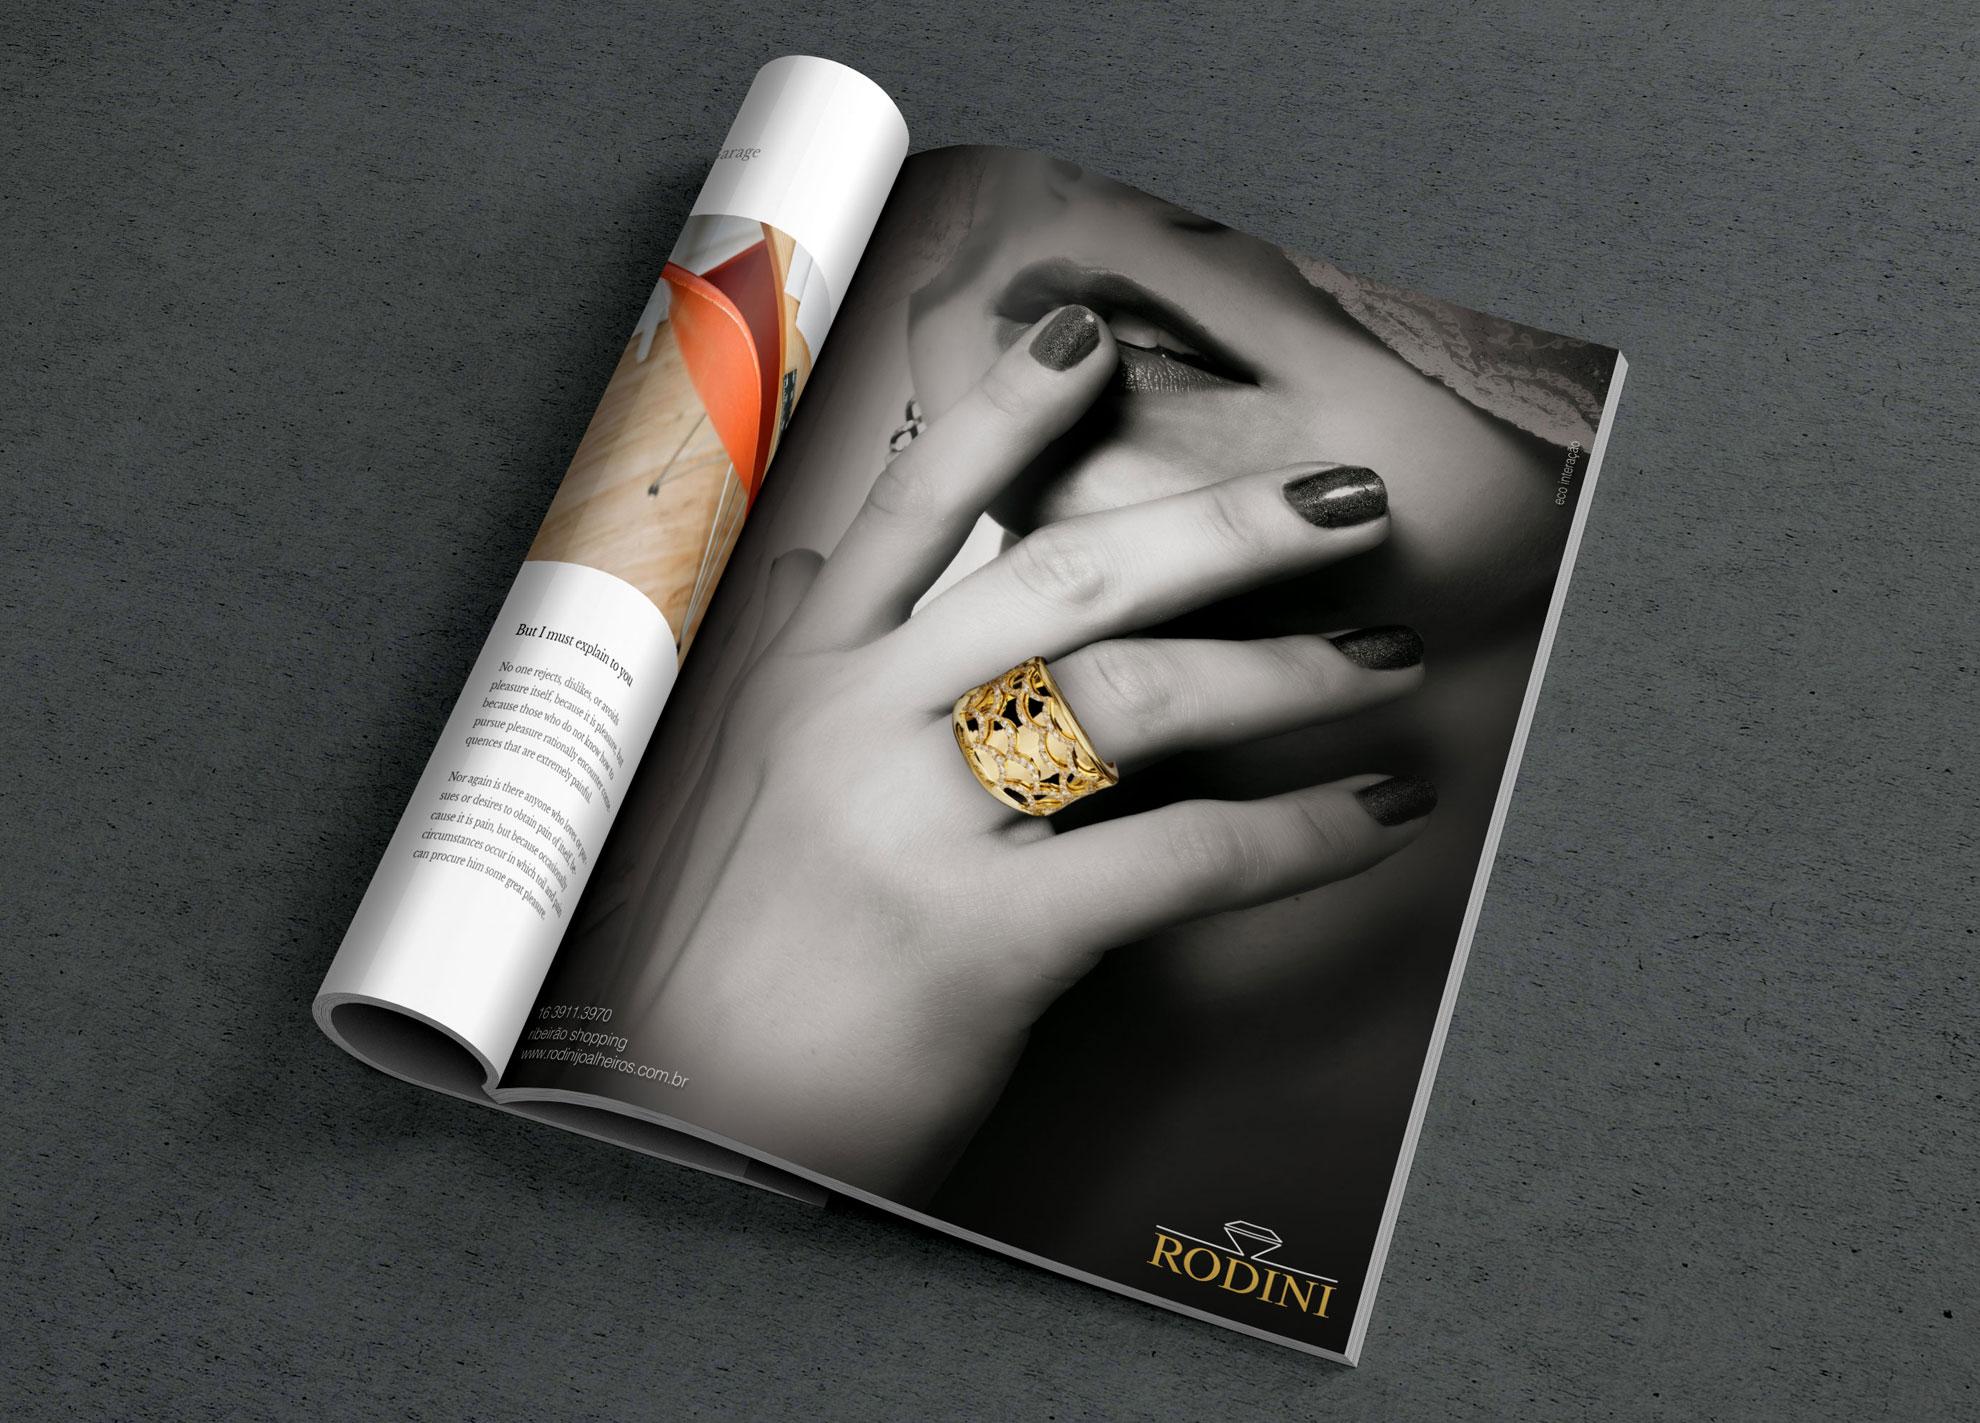 anuncio-rodini-joalheiros-revista-silencio